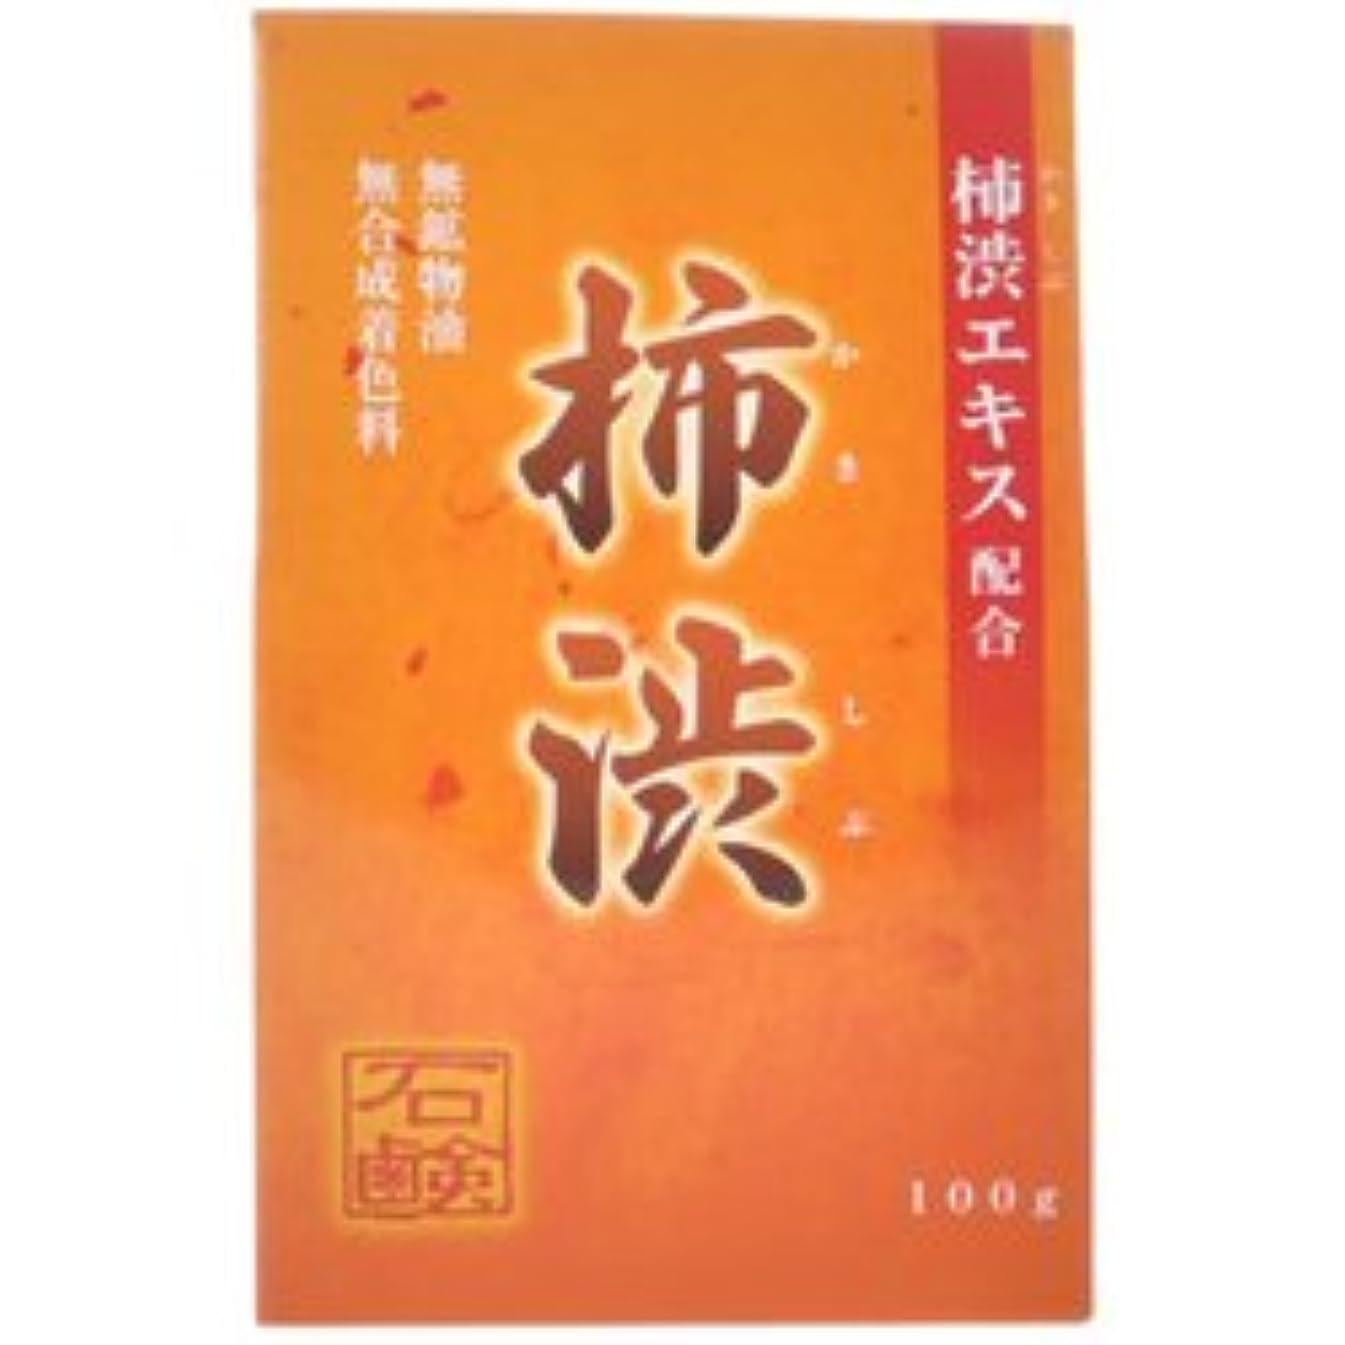 【アール?エイチ?ビープロダクト】新 柿渋石鹸 100g ×20個セット